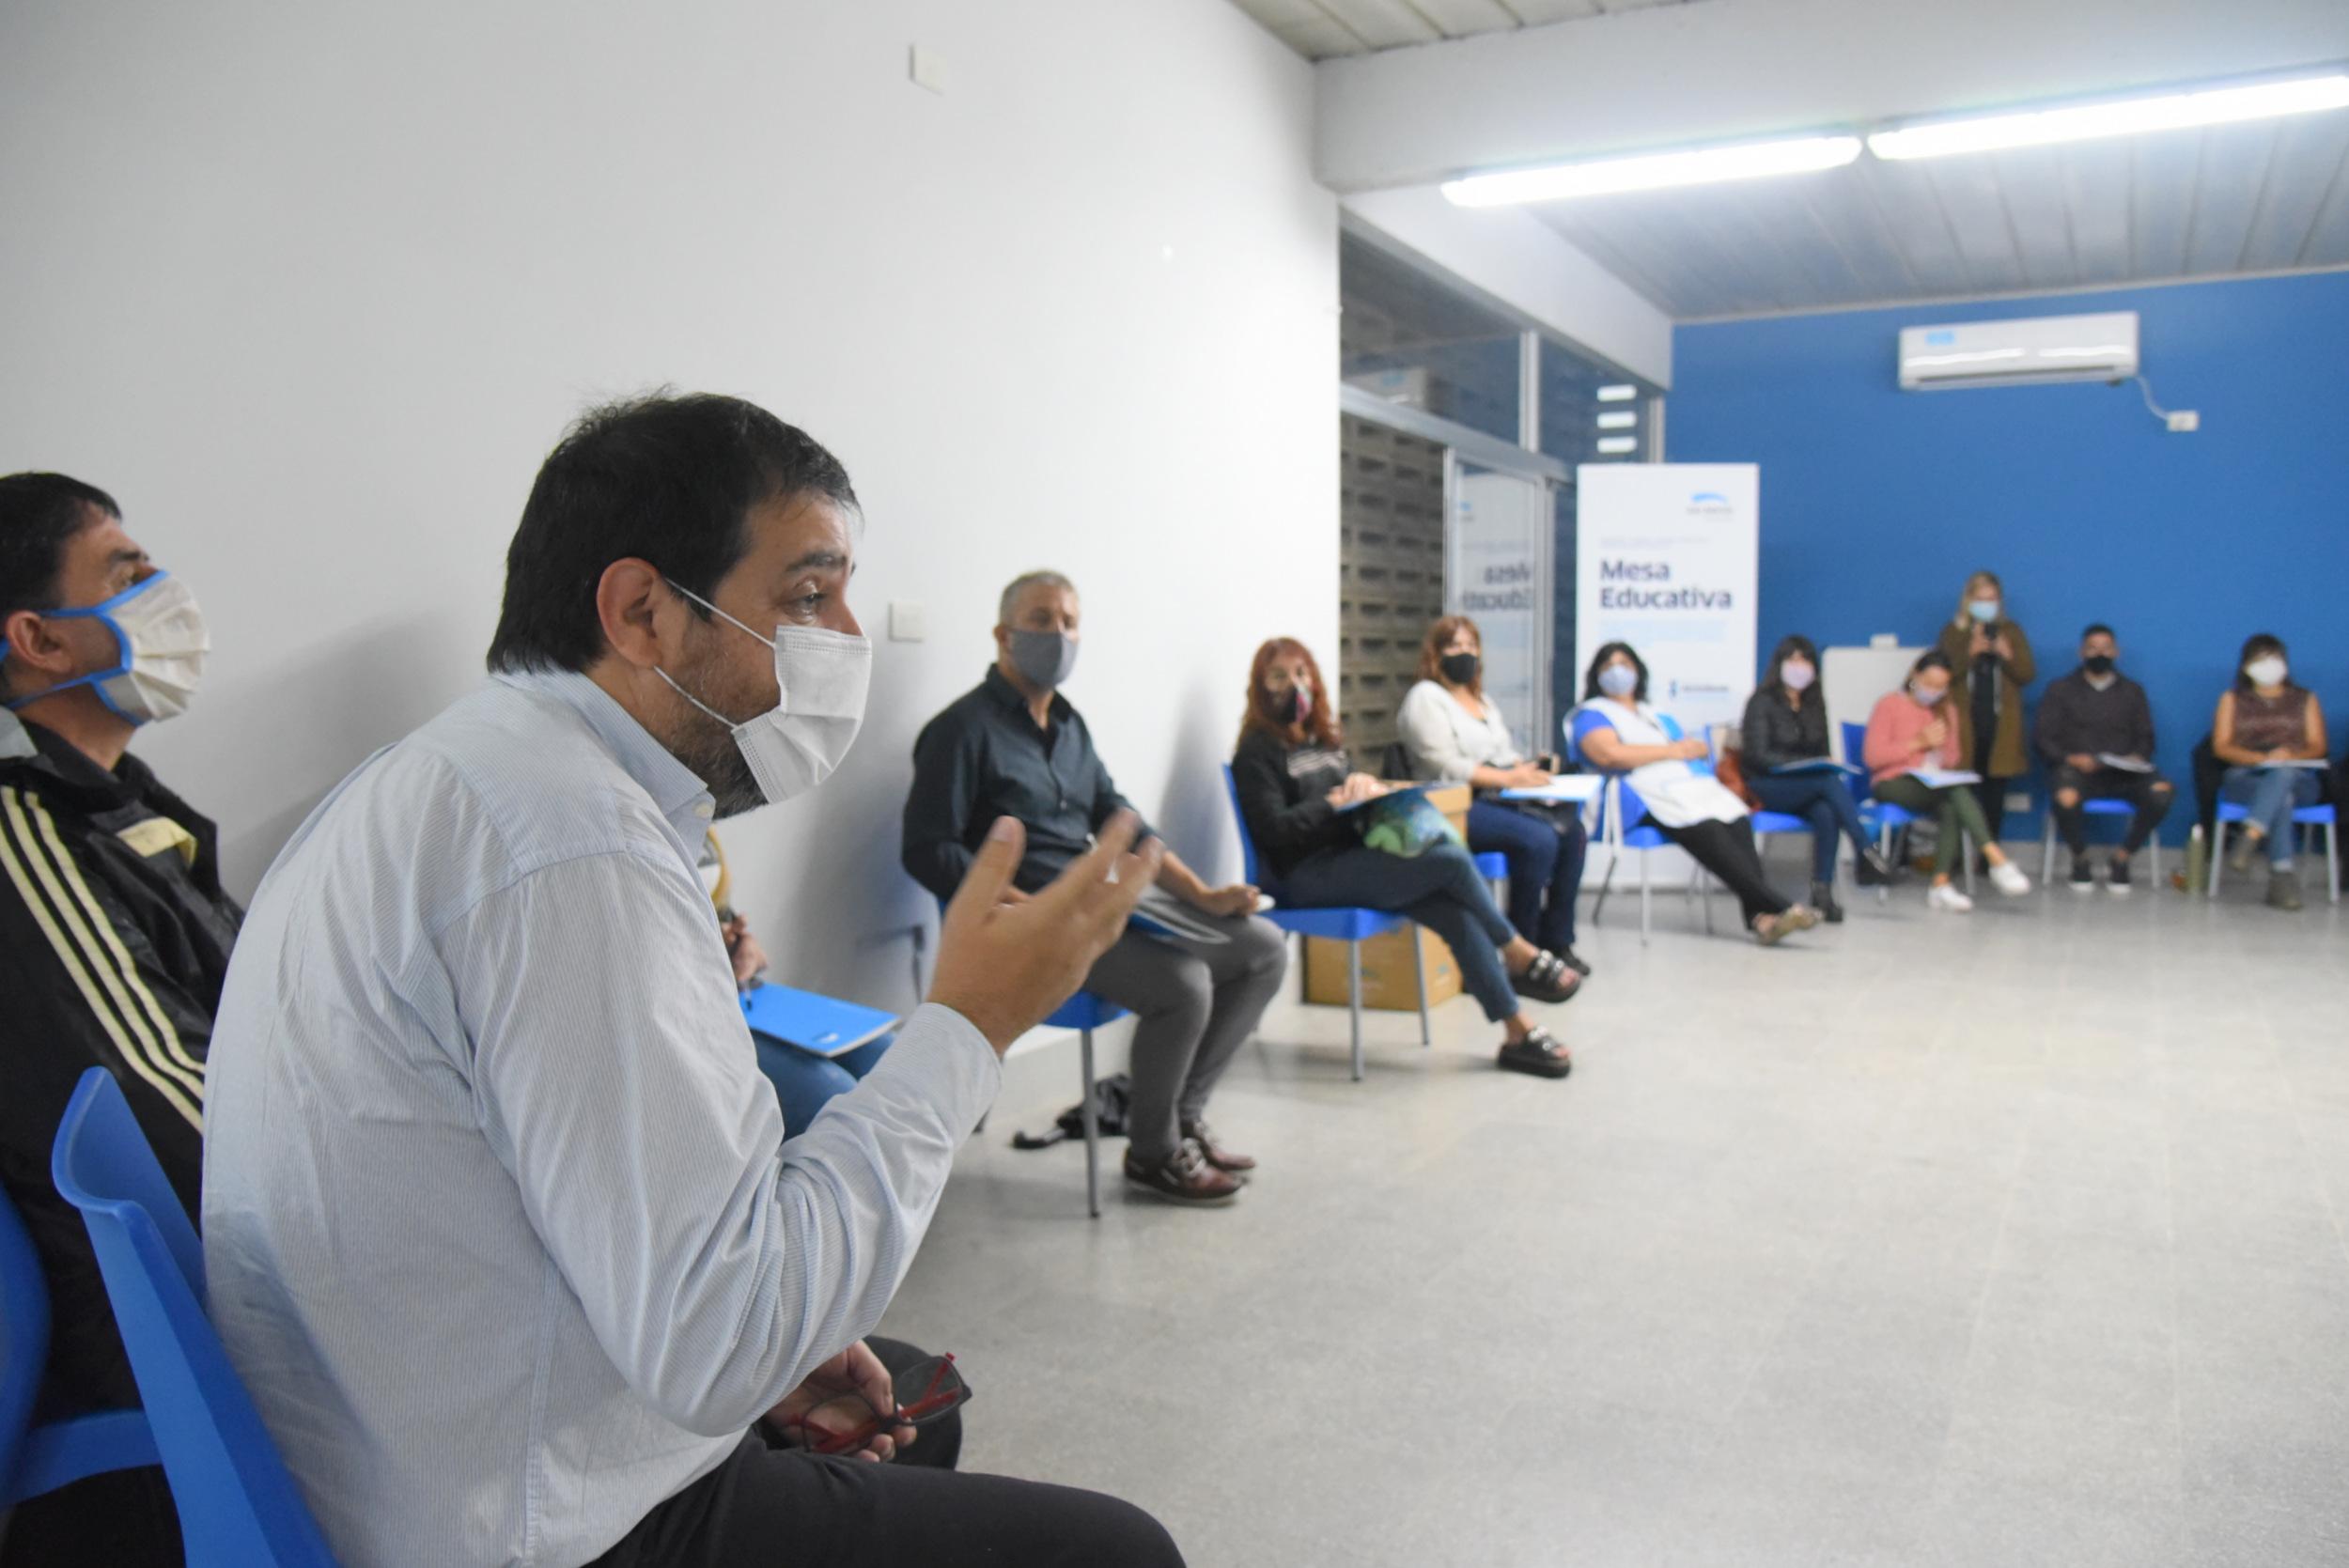 Comenzaron a funcionar las primeras 11 Mesas Educativas Locales en San Martín